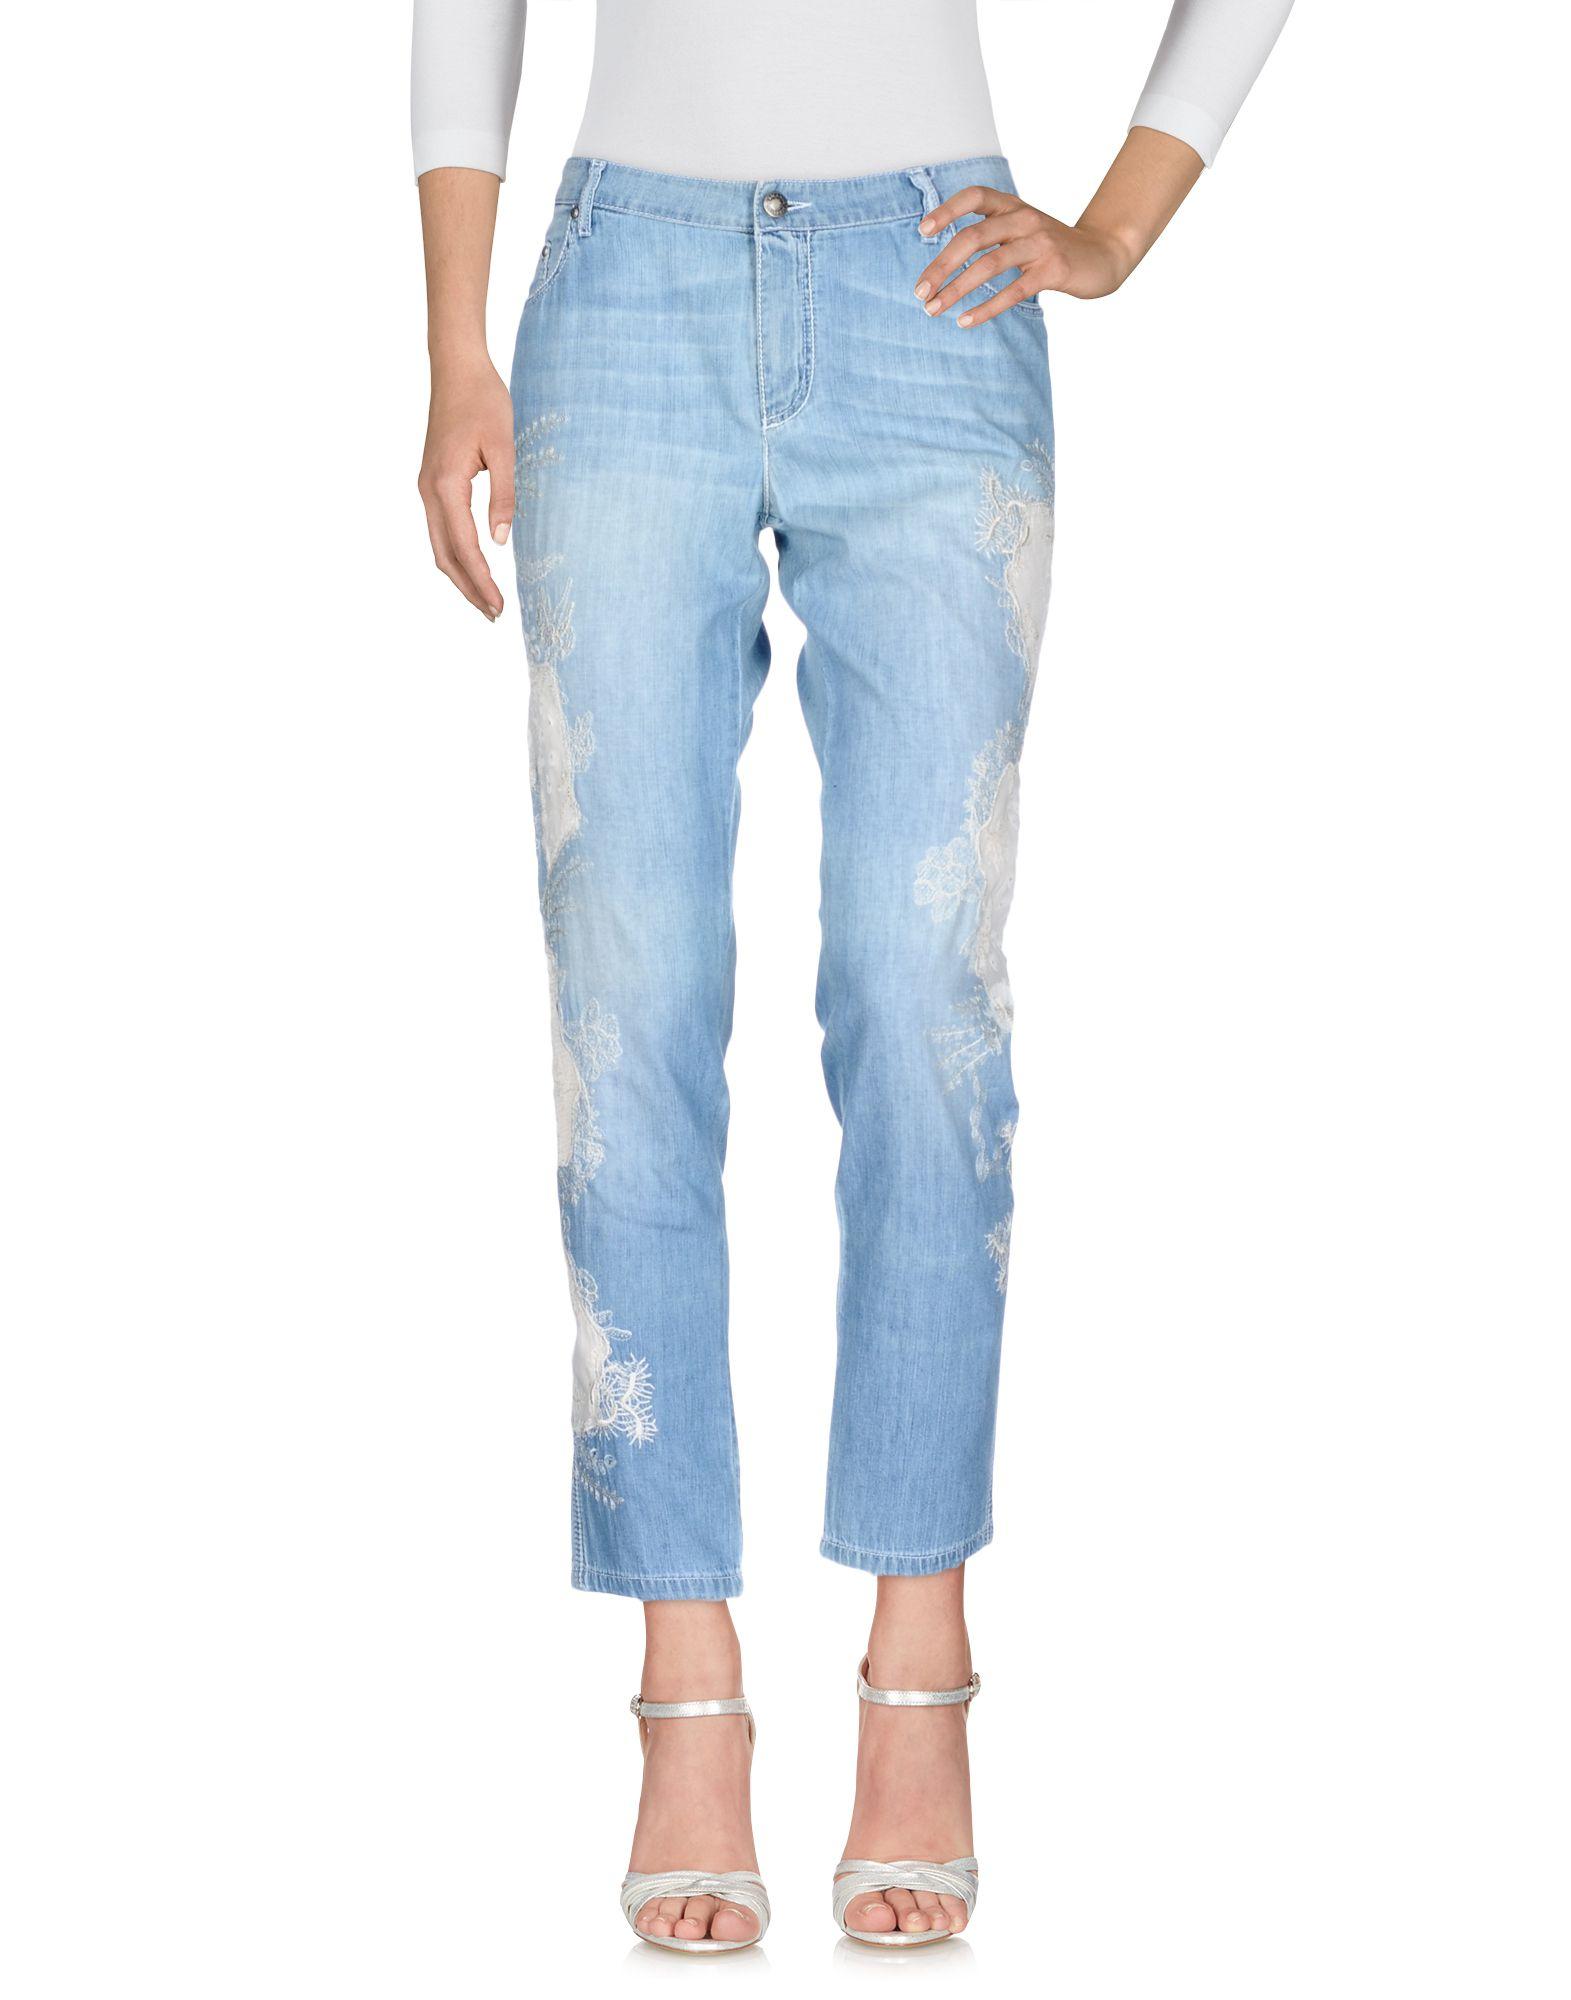 Pantaloni Jeans Ermanno Scervino Donna - Acquista online su Noi385Q